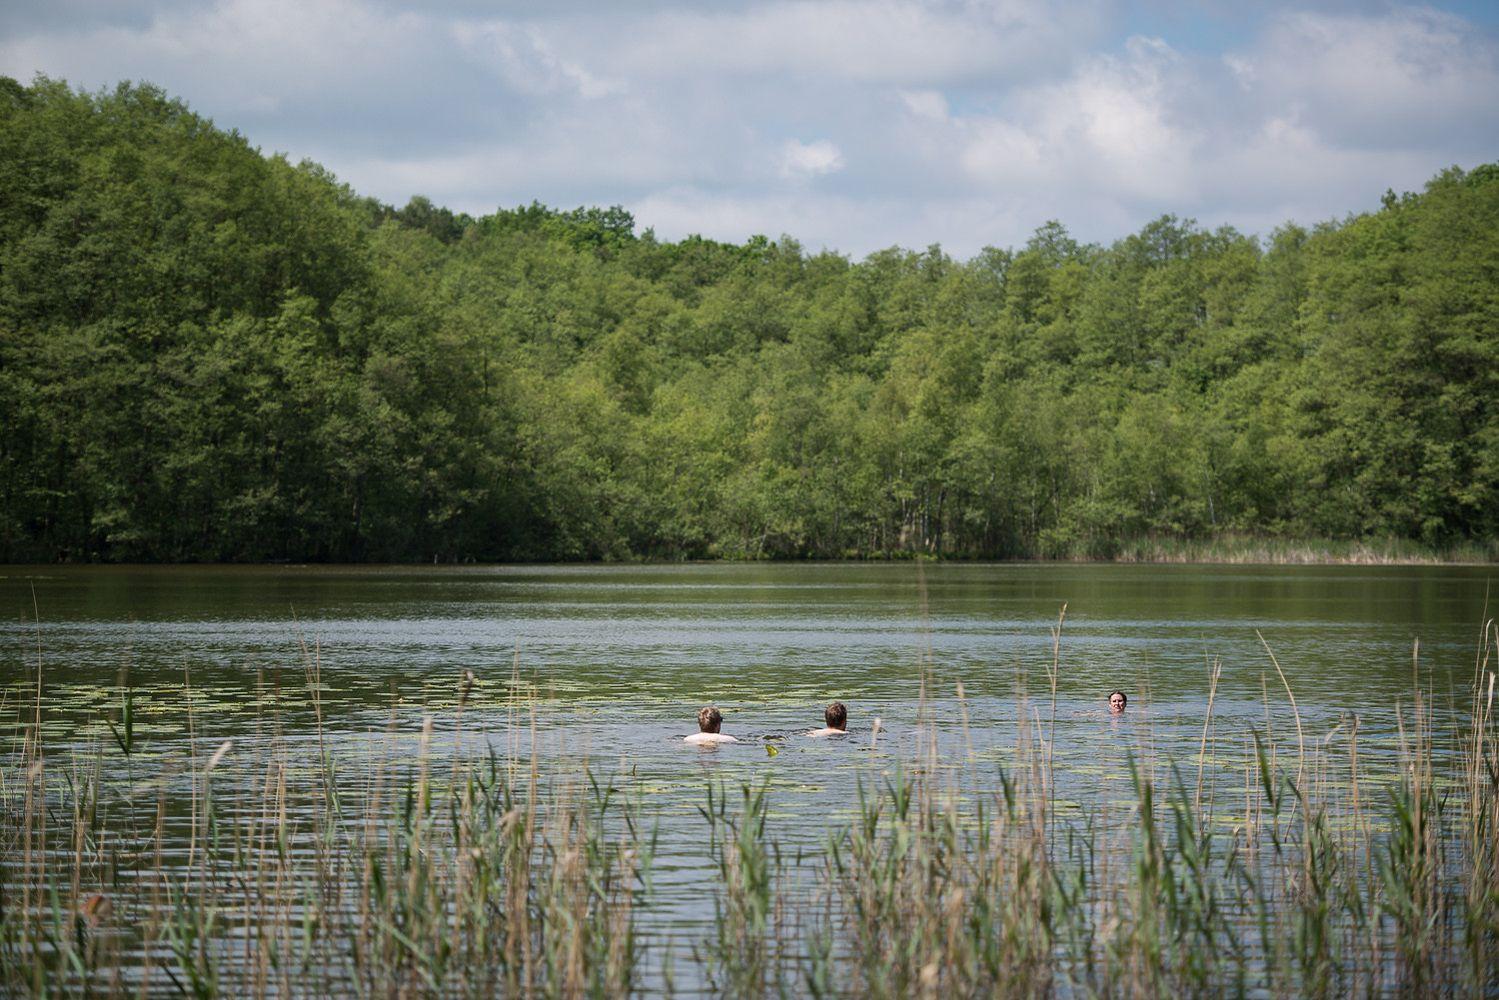 Blick auf den See und schwimmende Personen